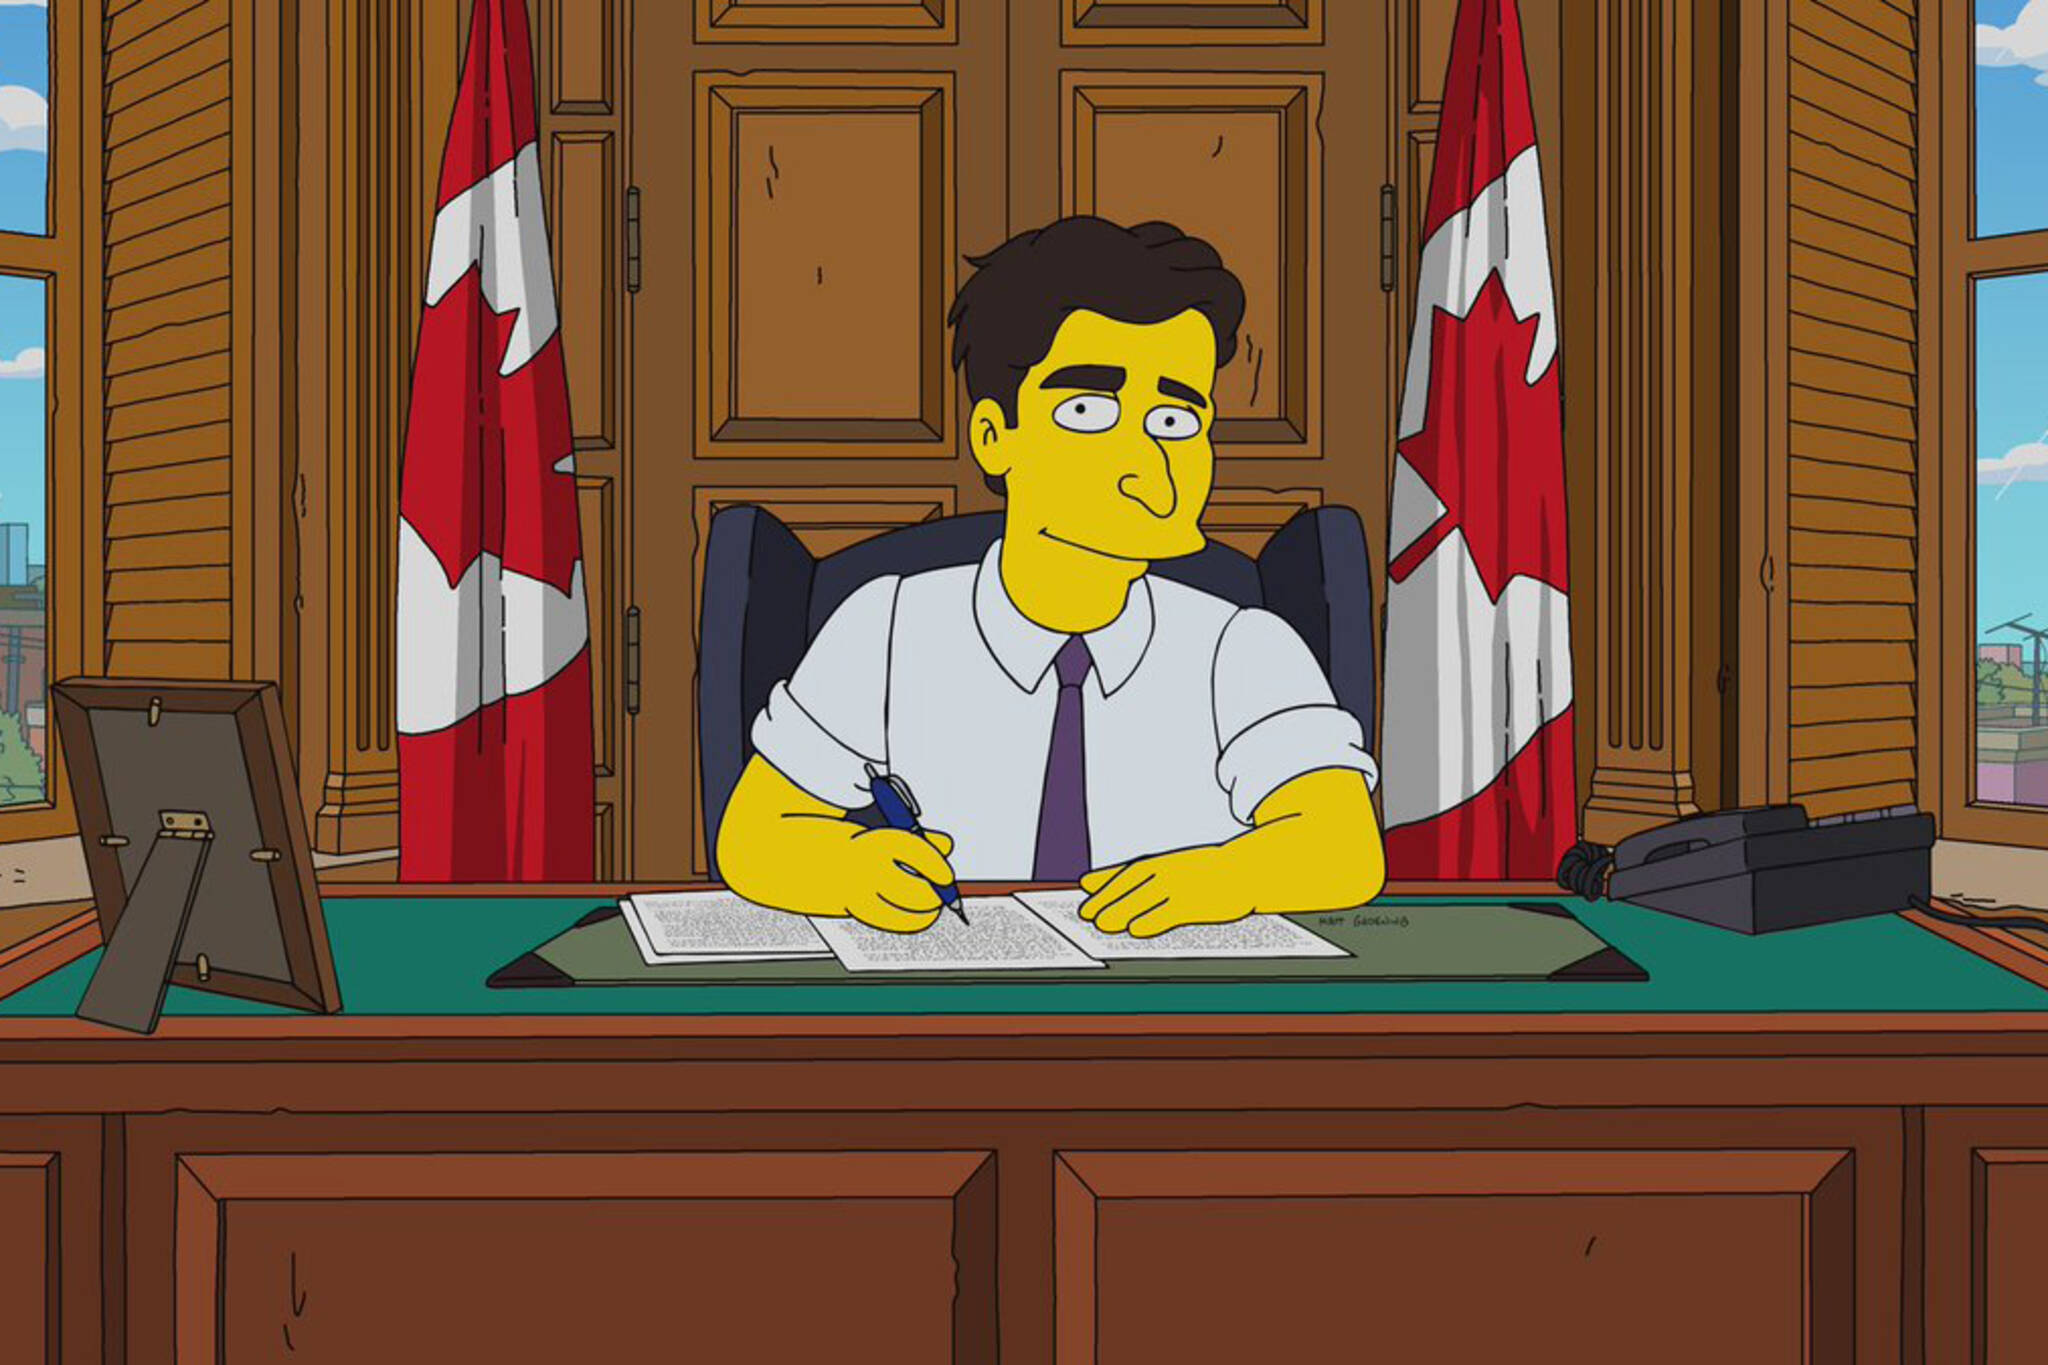 Simpsons Justin Trudeau